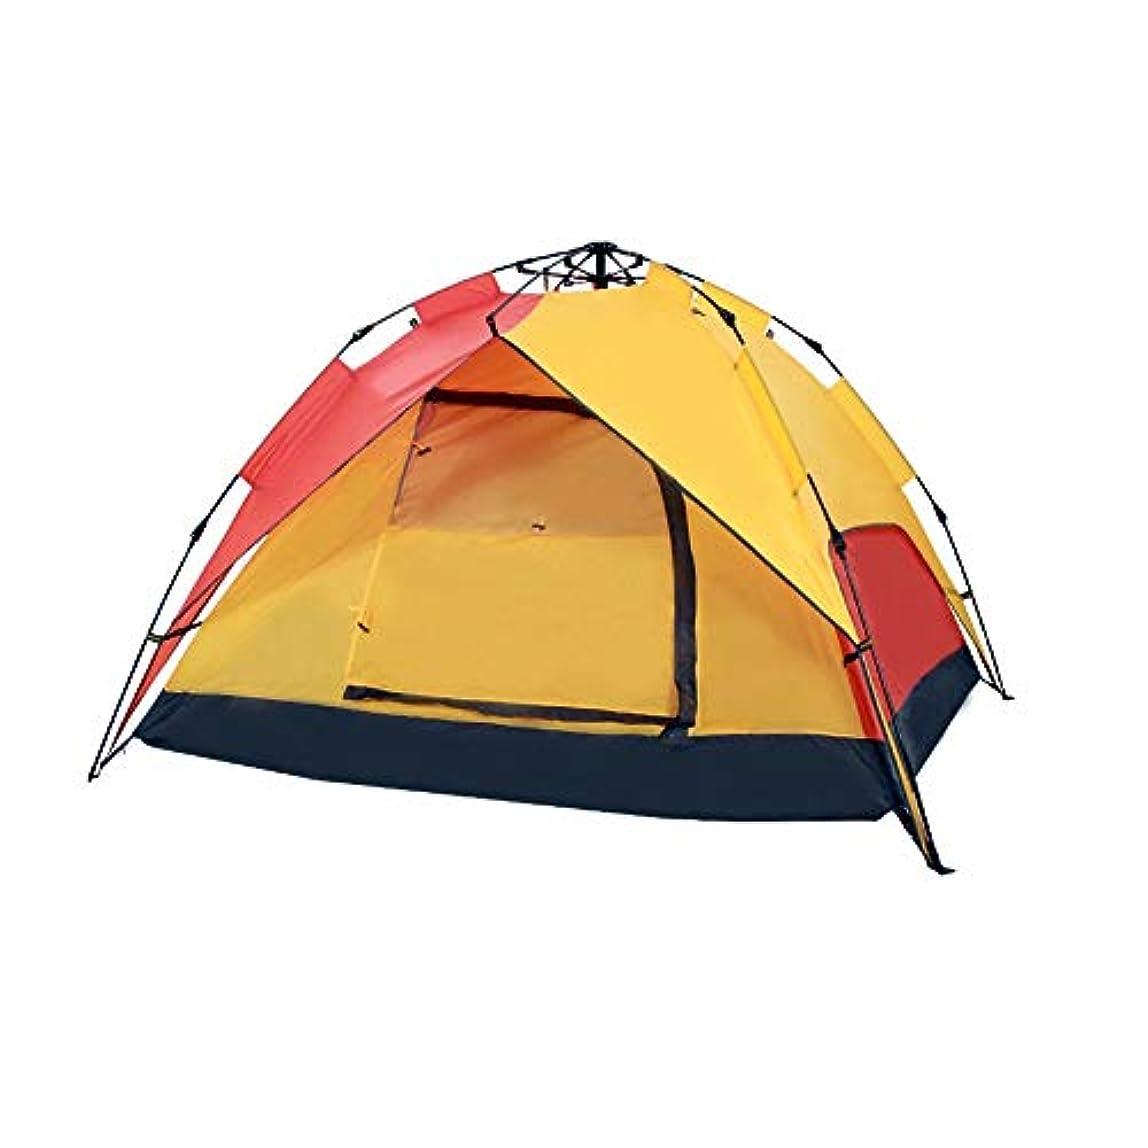 押し下げる踏みつけどのくらいの頻度で屋外の自動テント、3-4人は多彩なキャンプの防雨性および通気性の家族旅行テントを個人化しました